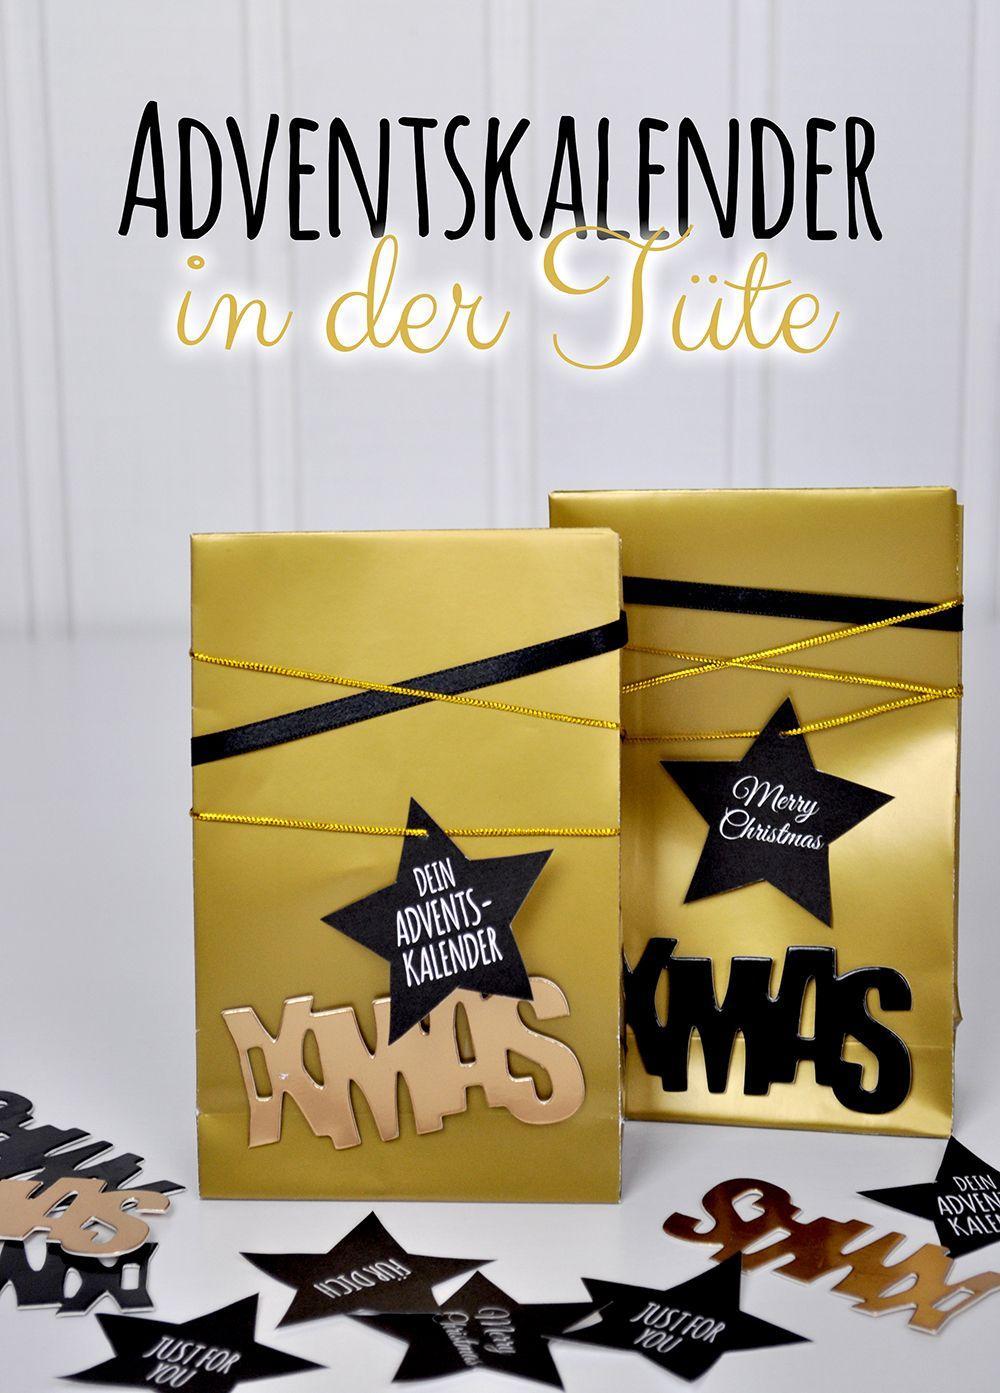 Adventskalender f r deine freundin in der t te adventskalender advent calendars pinterest - Adventskalender beste freundin ...